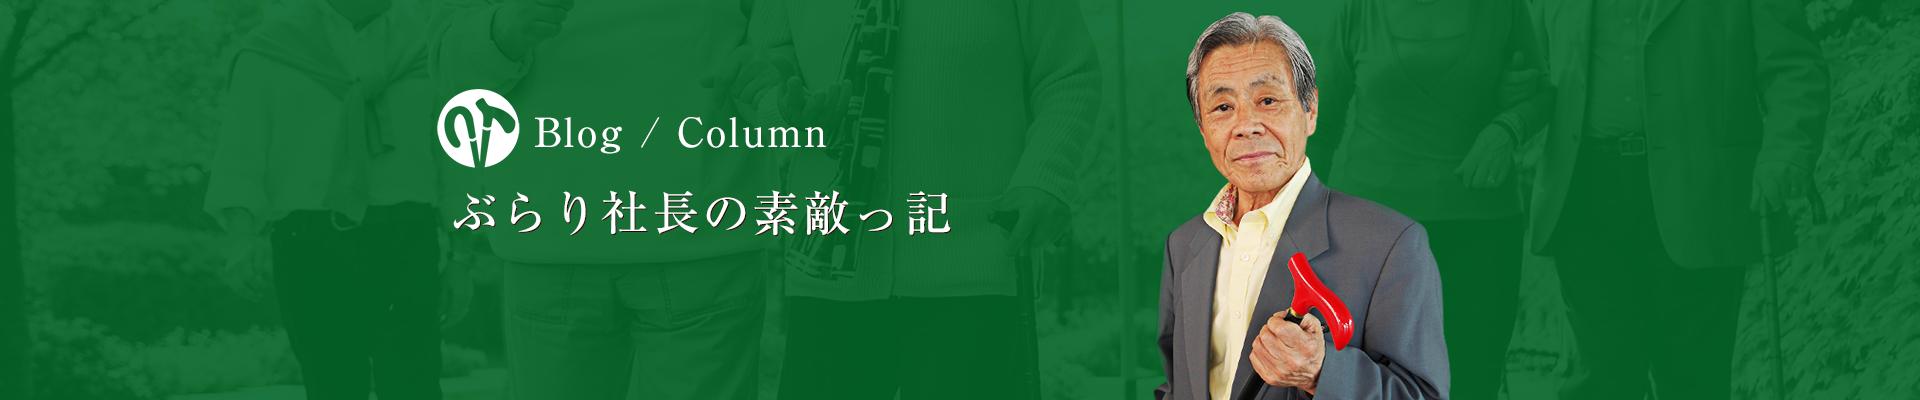 ぶらり社長の素敵っ記(ステッキ)ブログ